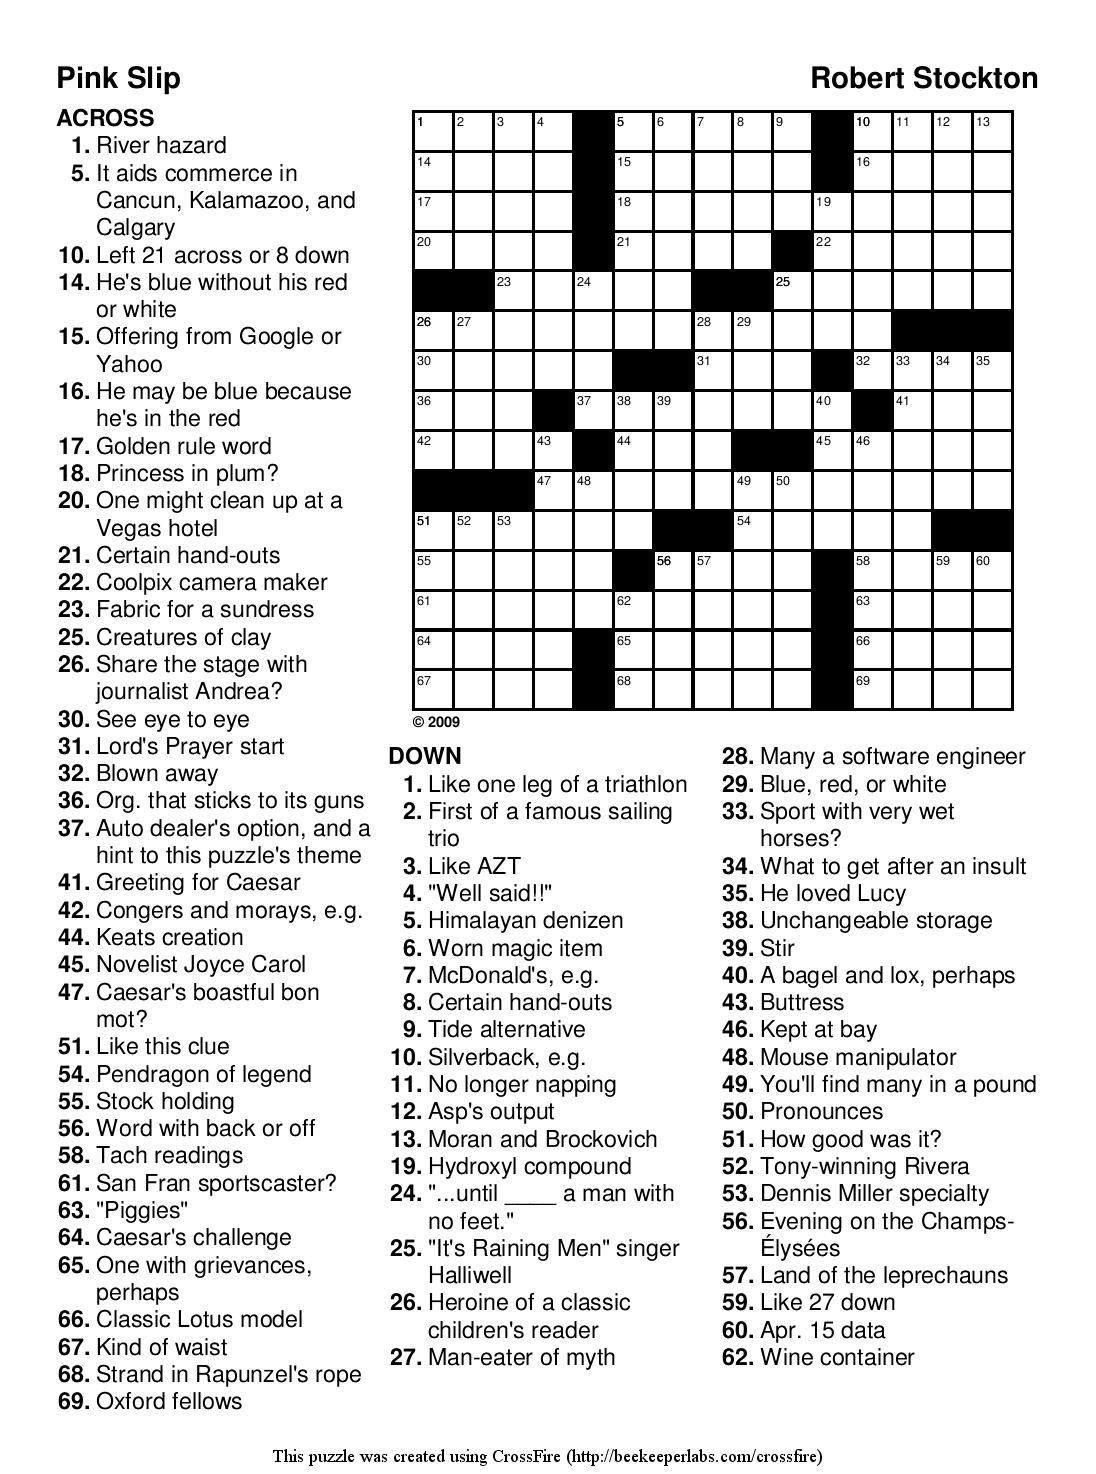 Easy Printable Crossword Puzzels - Infocap Ltd. - Printable Crossword Puzzles For Teens